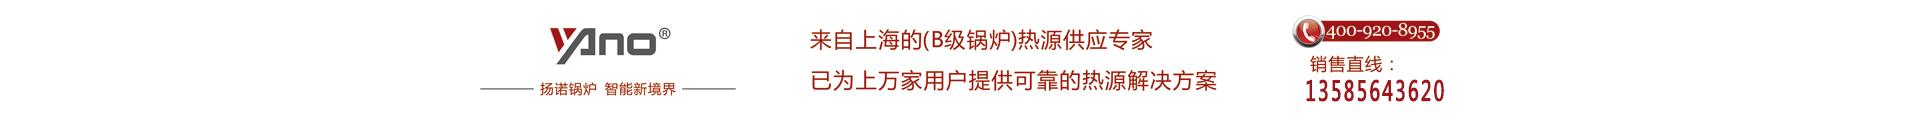 上海揚諾鍋爐製造有限公司